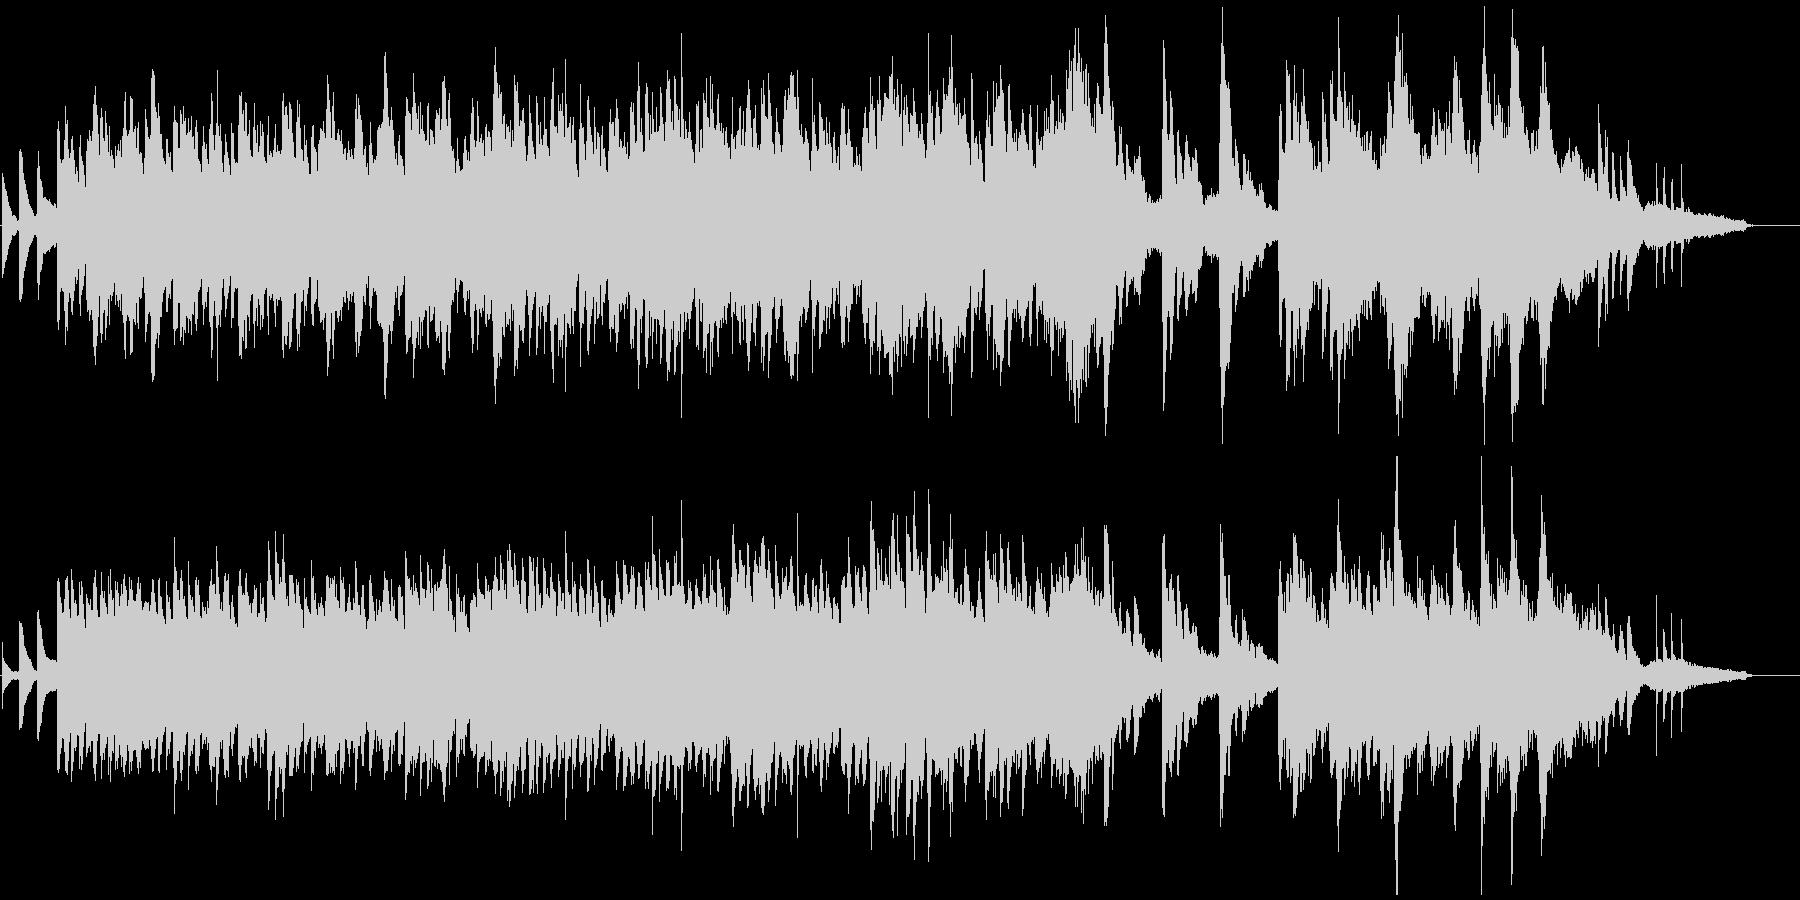 ピアノとストリングスのほのぼのしたBGMの未再生の波形